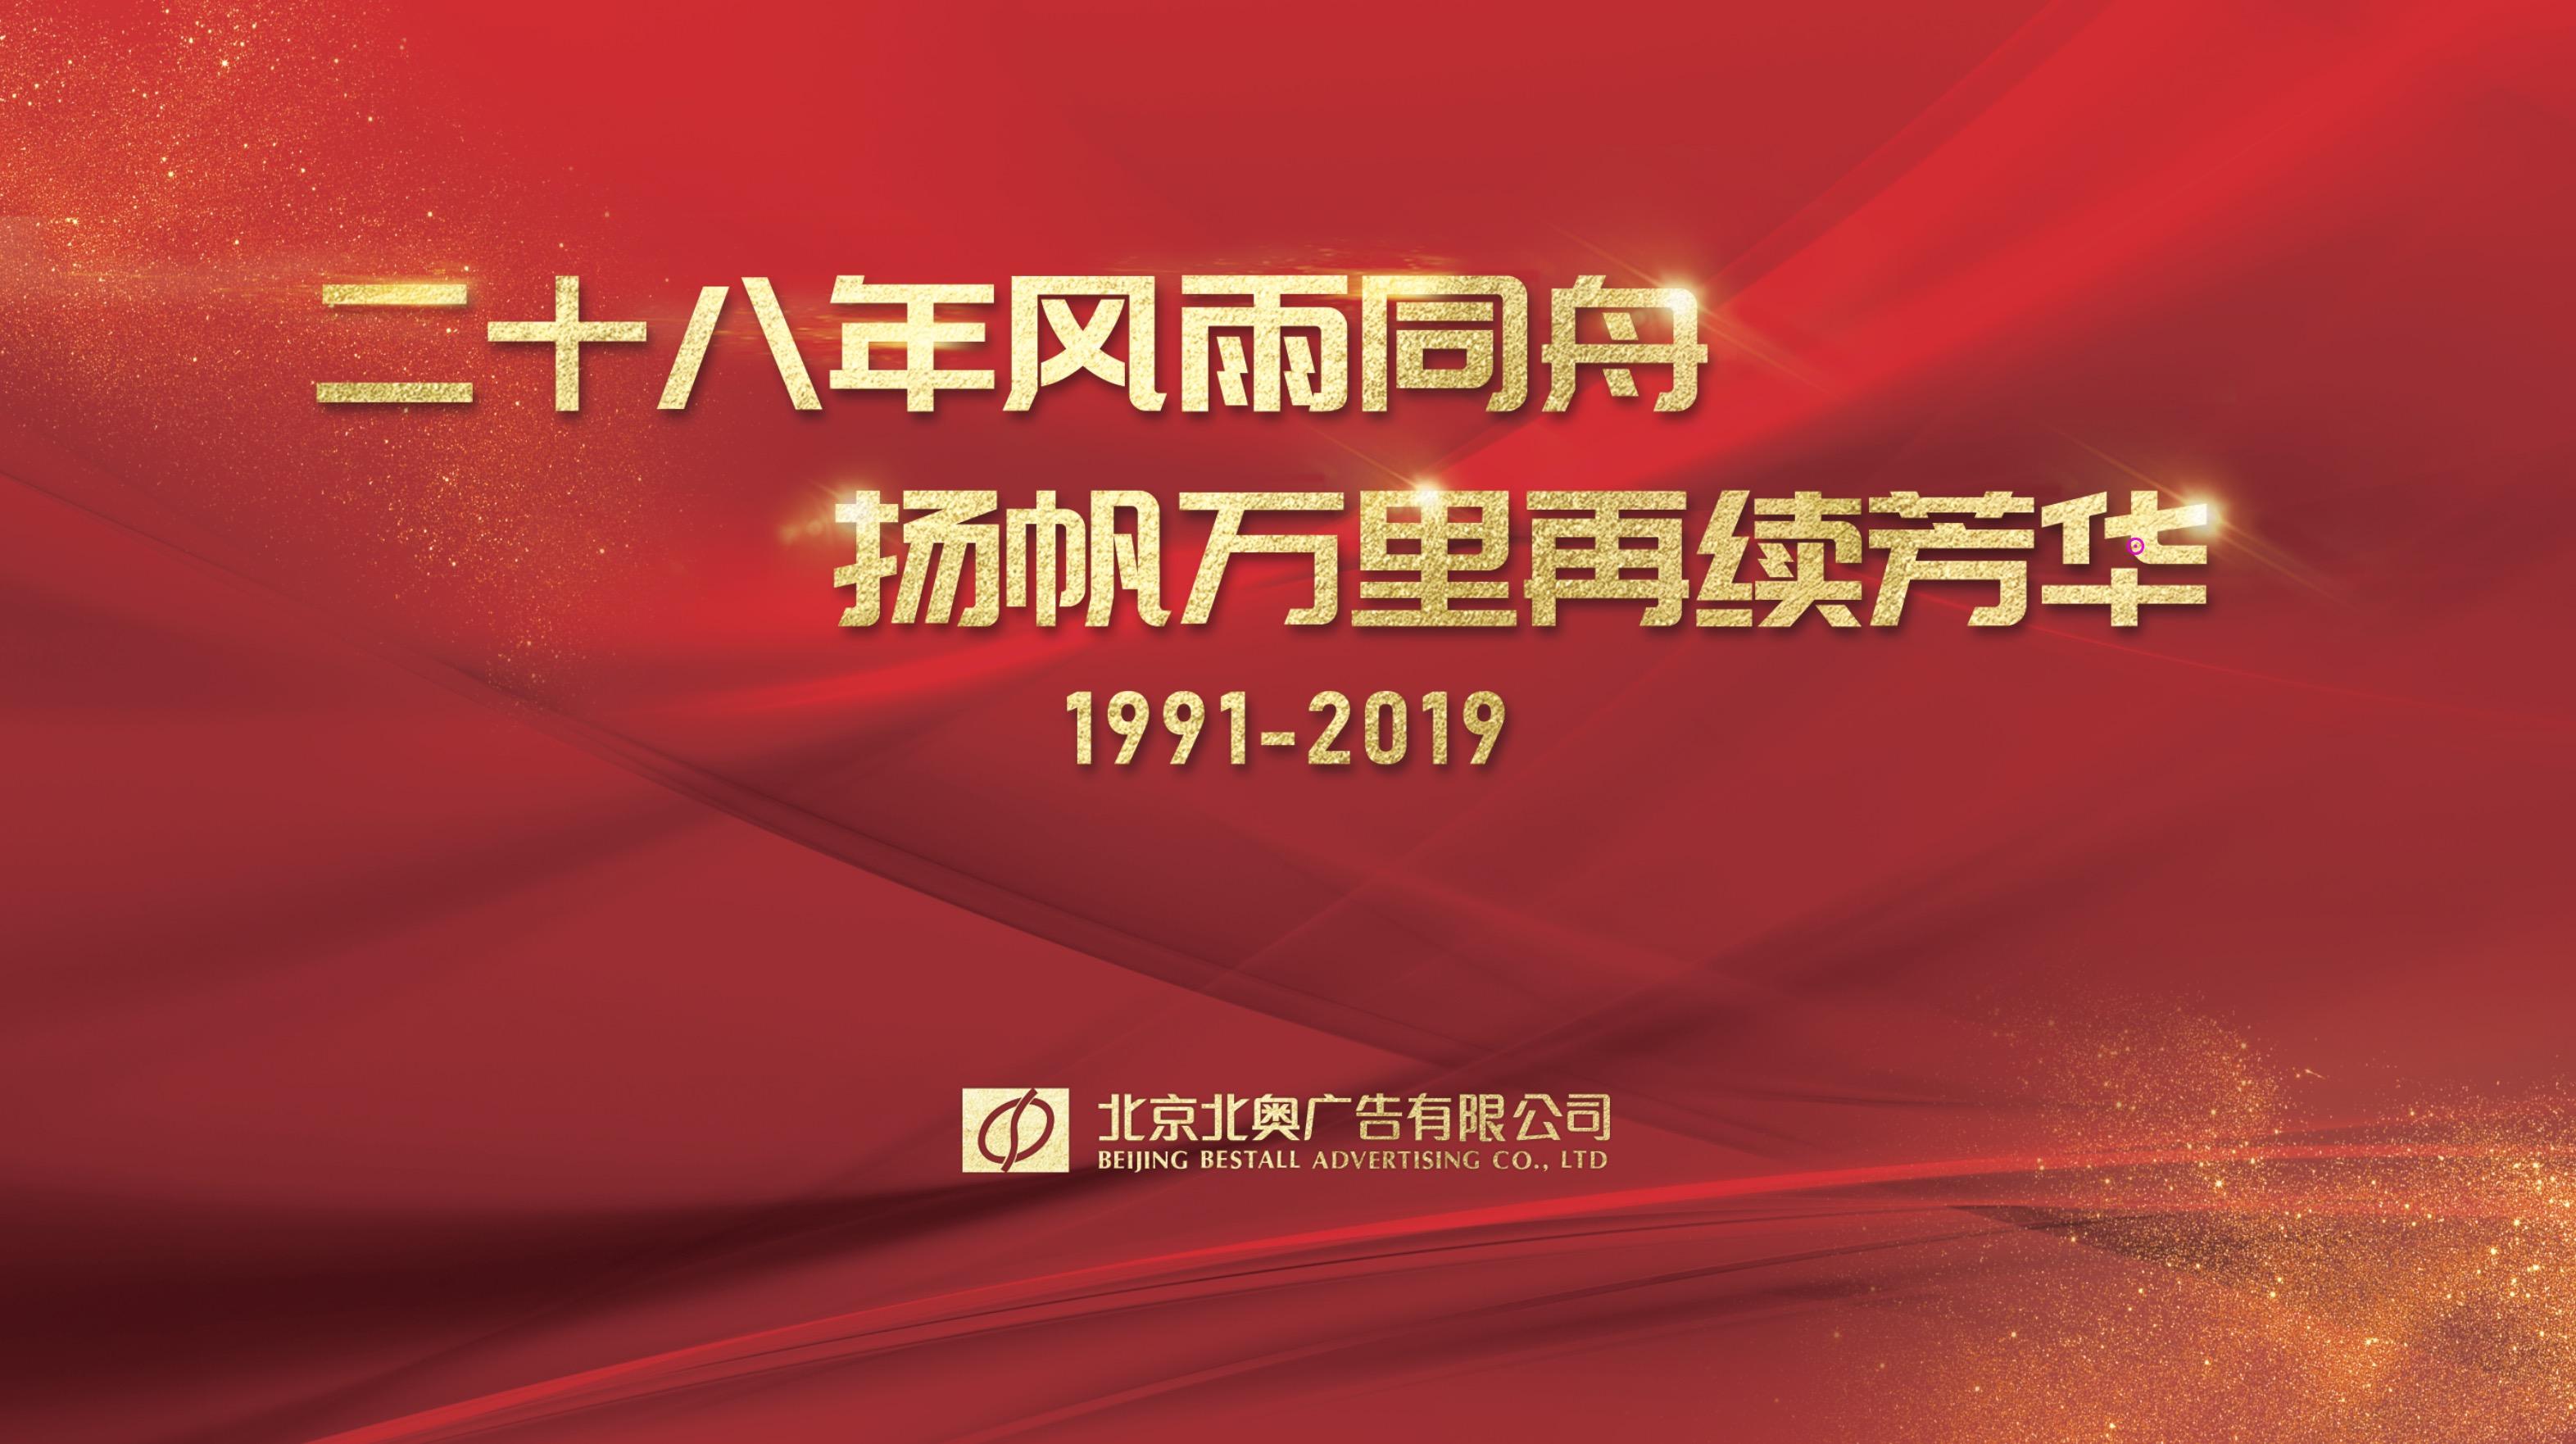 热烈庆祝北奥广告成立28周年!